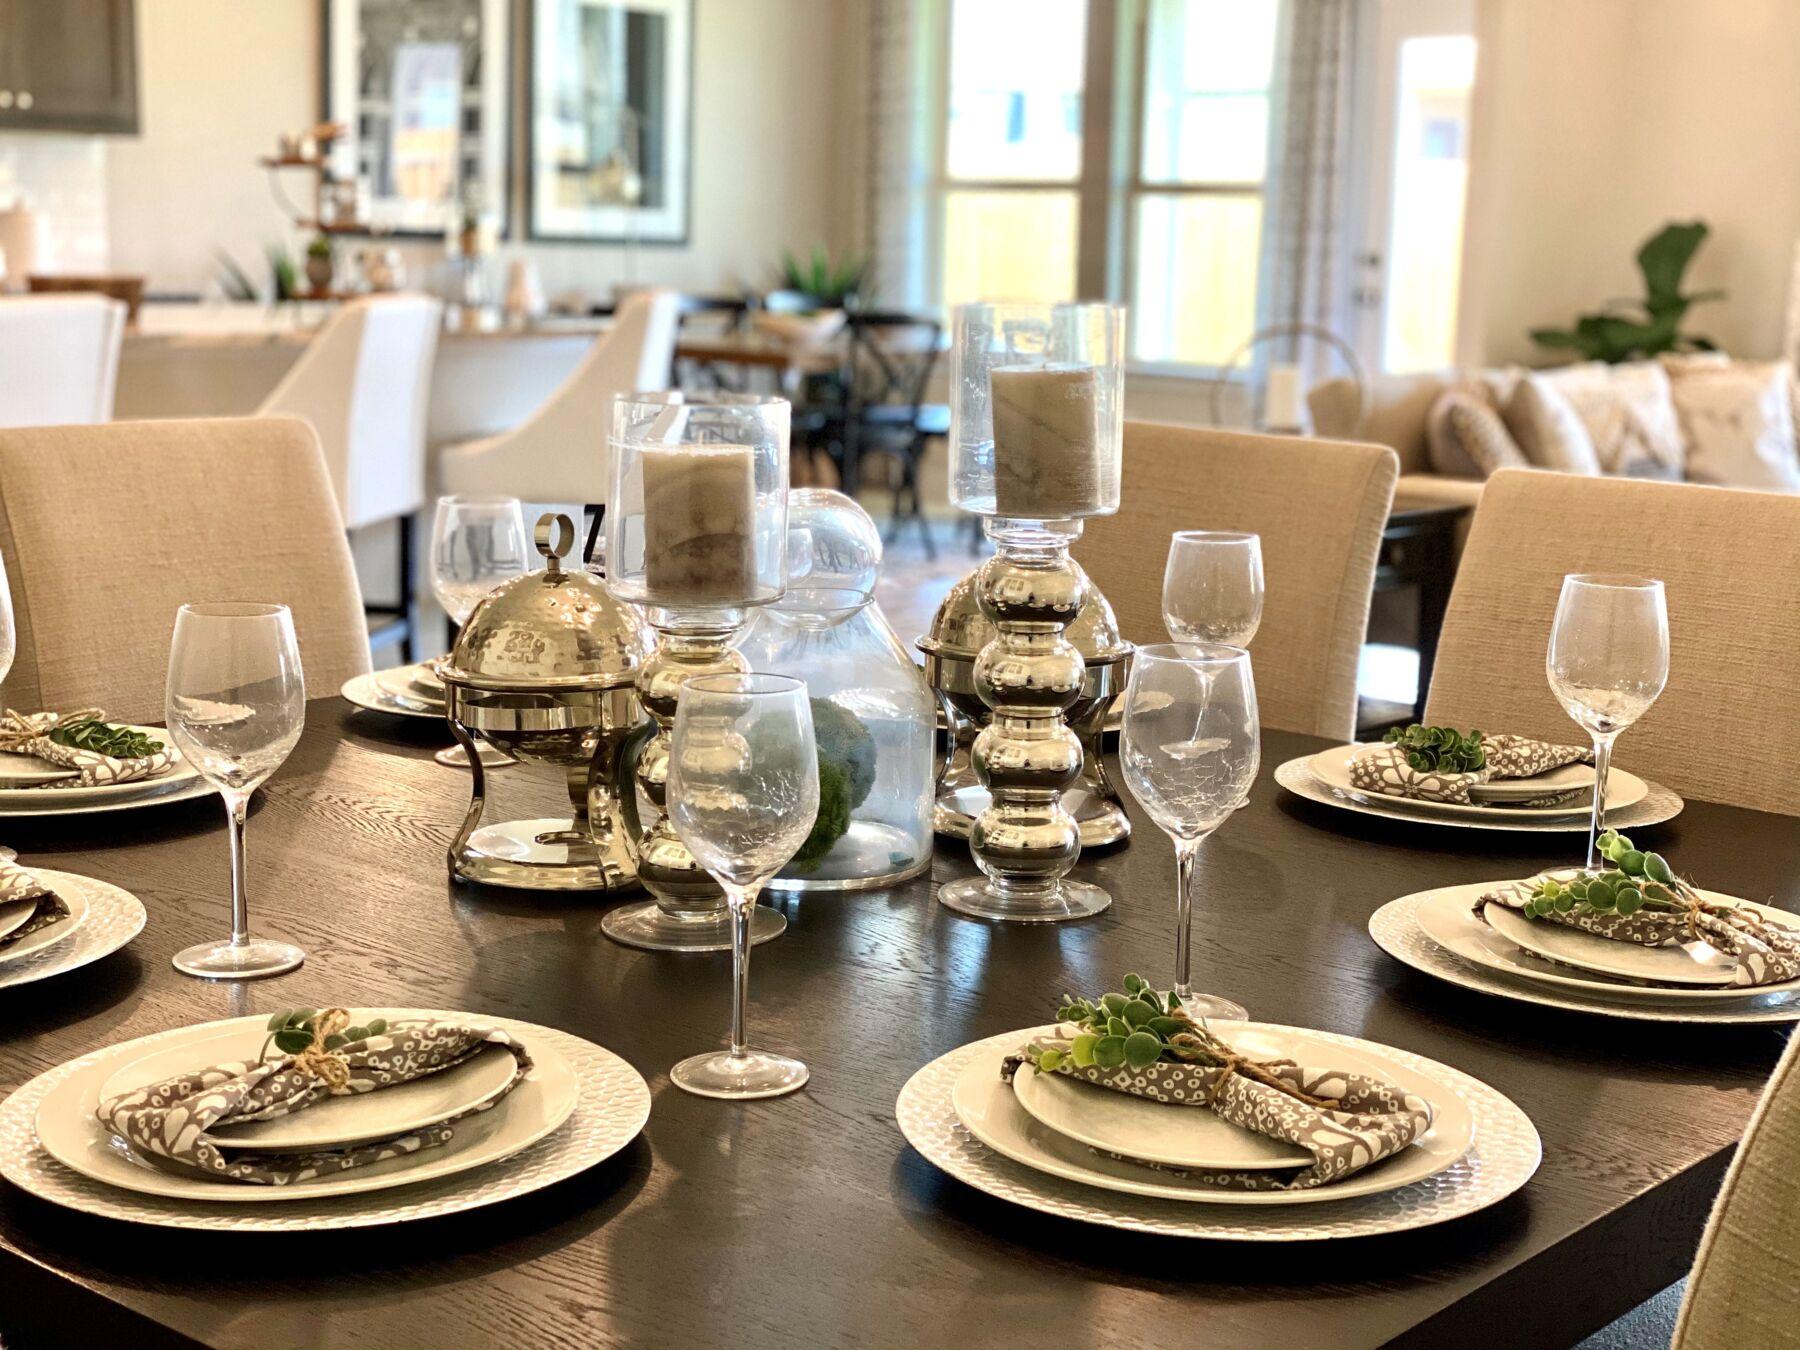 Carmel Creek Dining Room